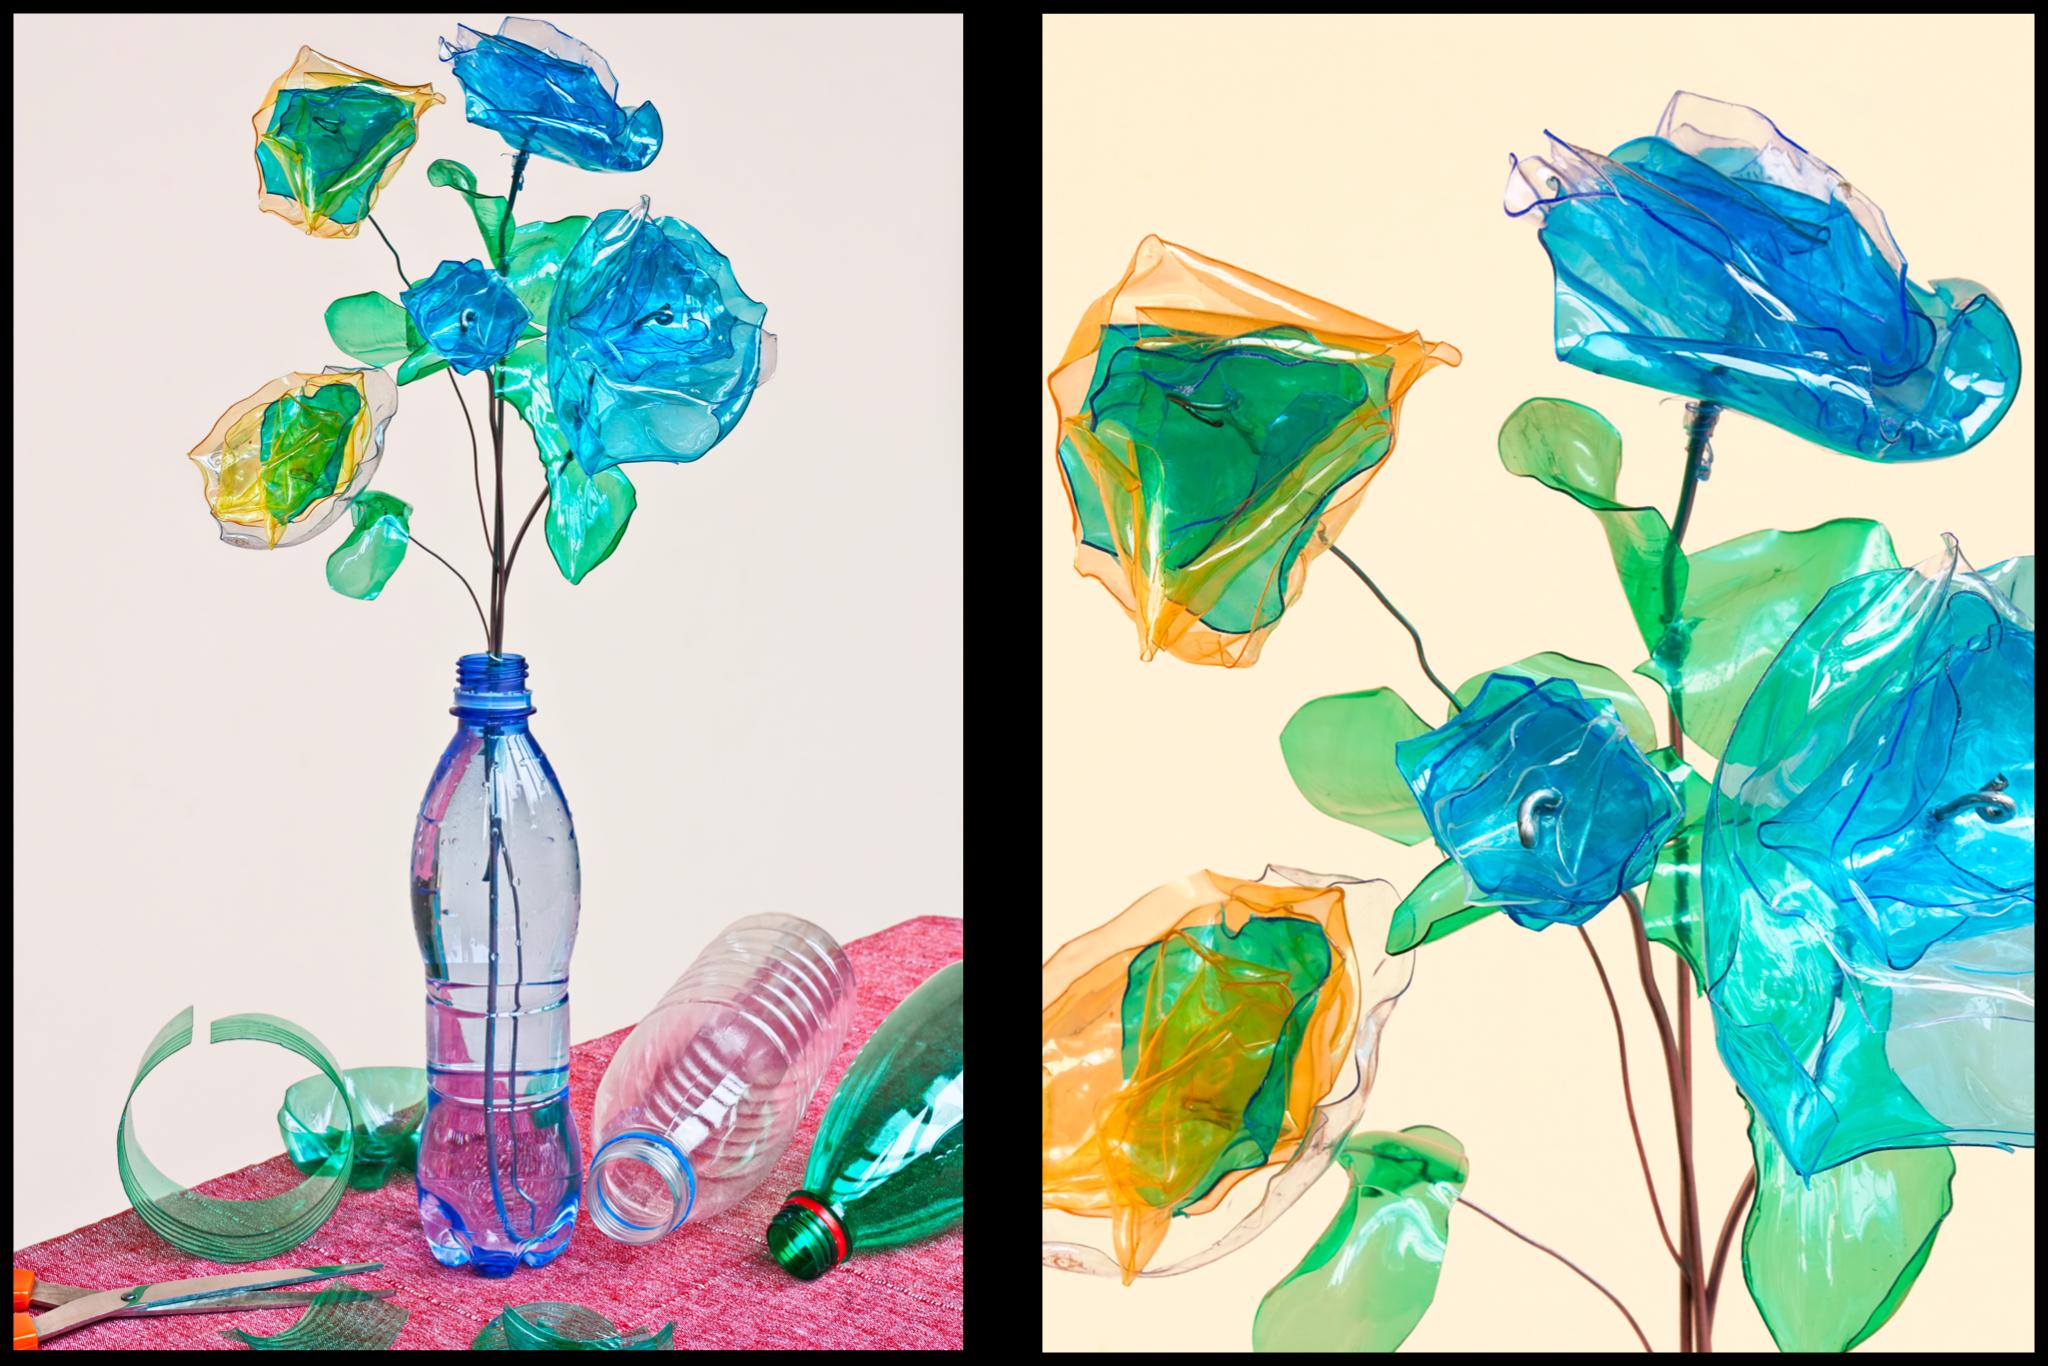 Bricolage Con Bottiglie Di Plastica.Come Riciclare Le Bottiglie Di Plastica Tilas Industria Vernici 1957